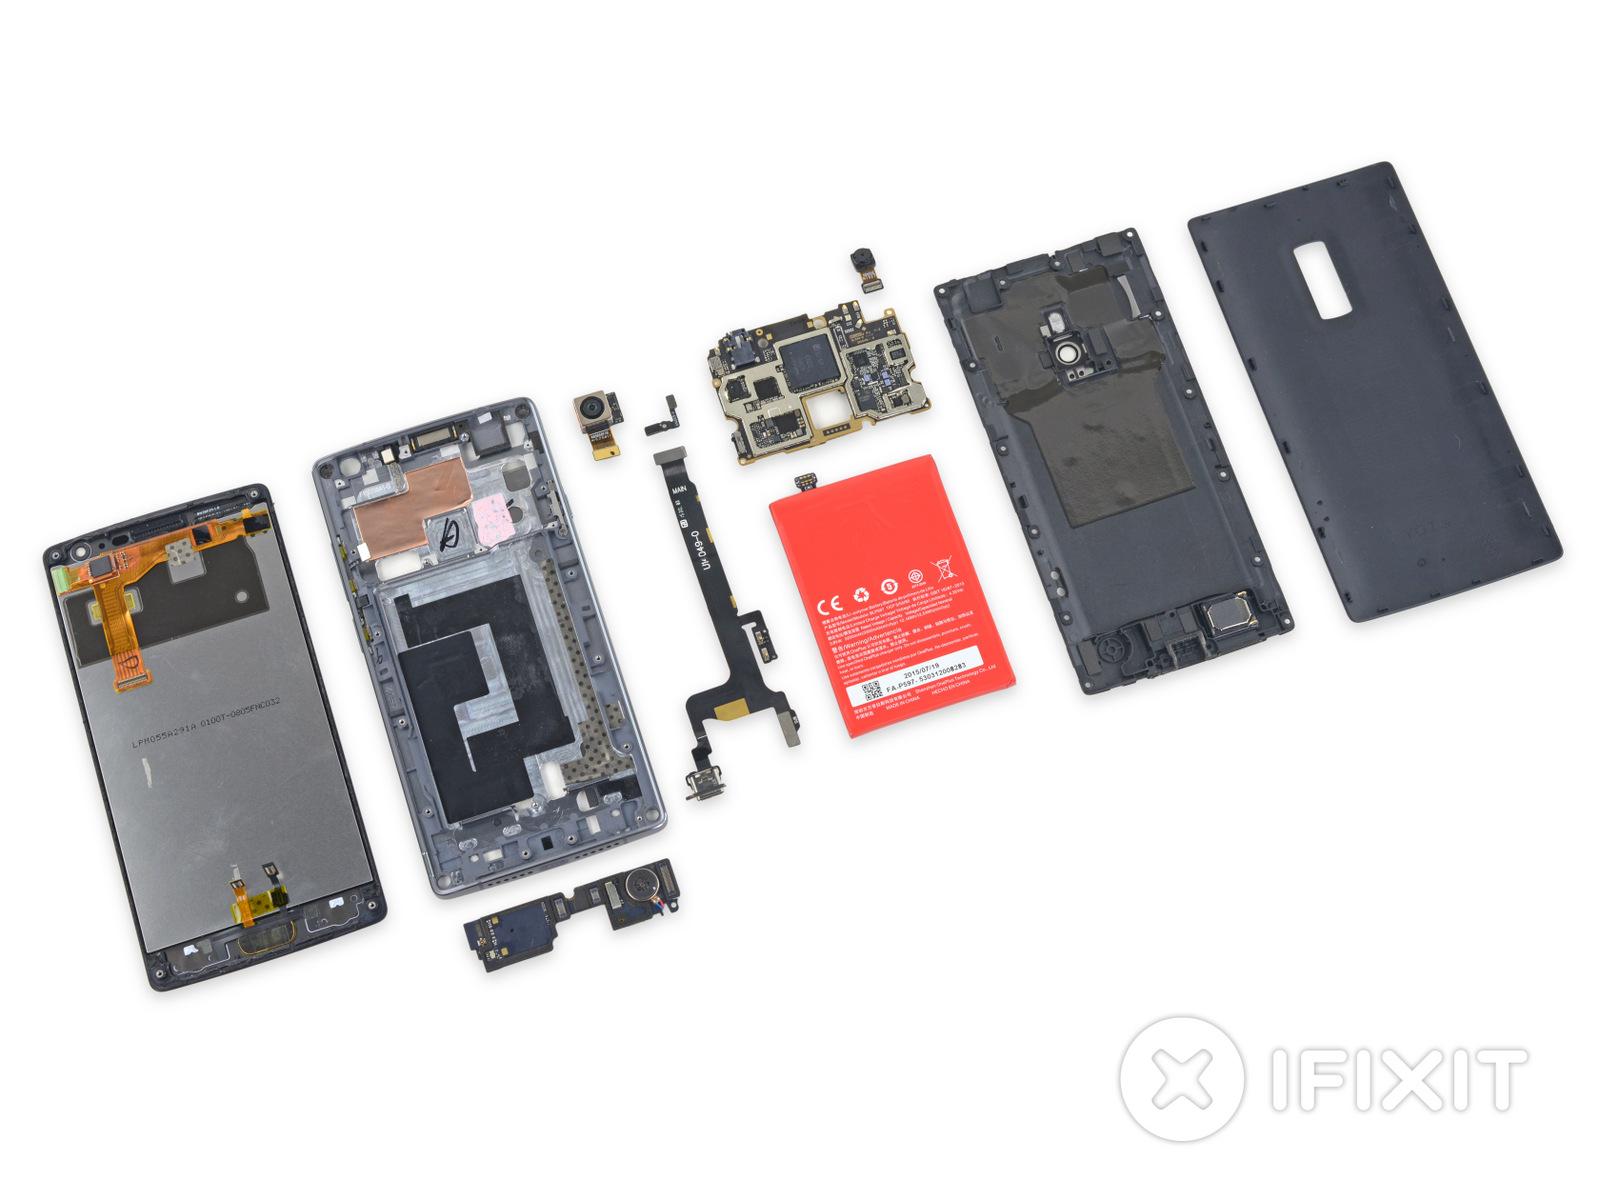 Photo of OnePlus 2 a ajuns la iFIXIT iar rezultatul este unul surprinzator